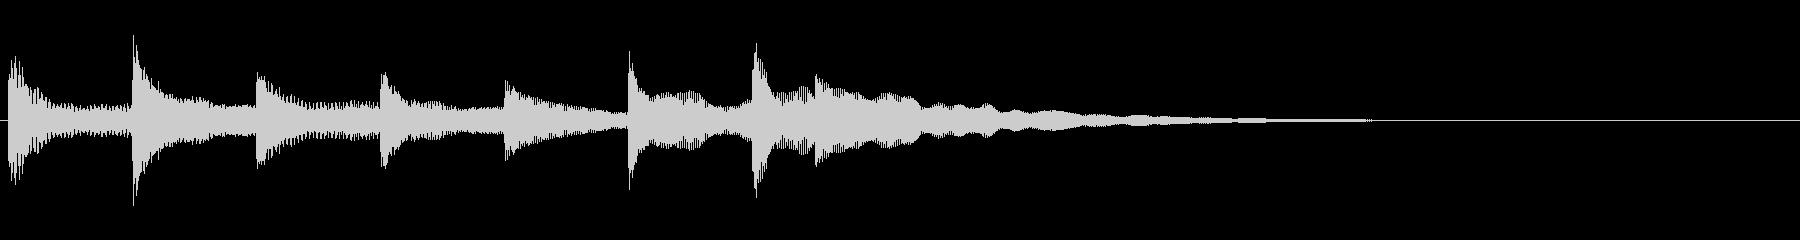 企業CM・映像向きアイキャッチの未再生の波形